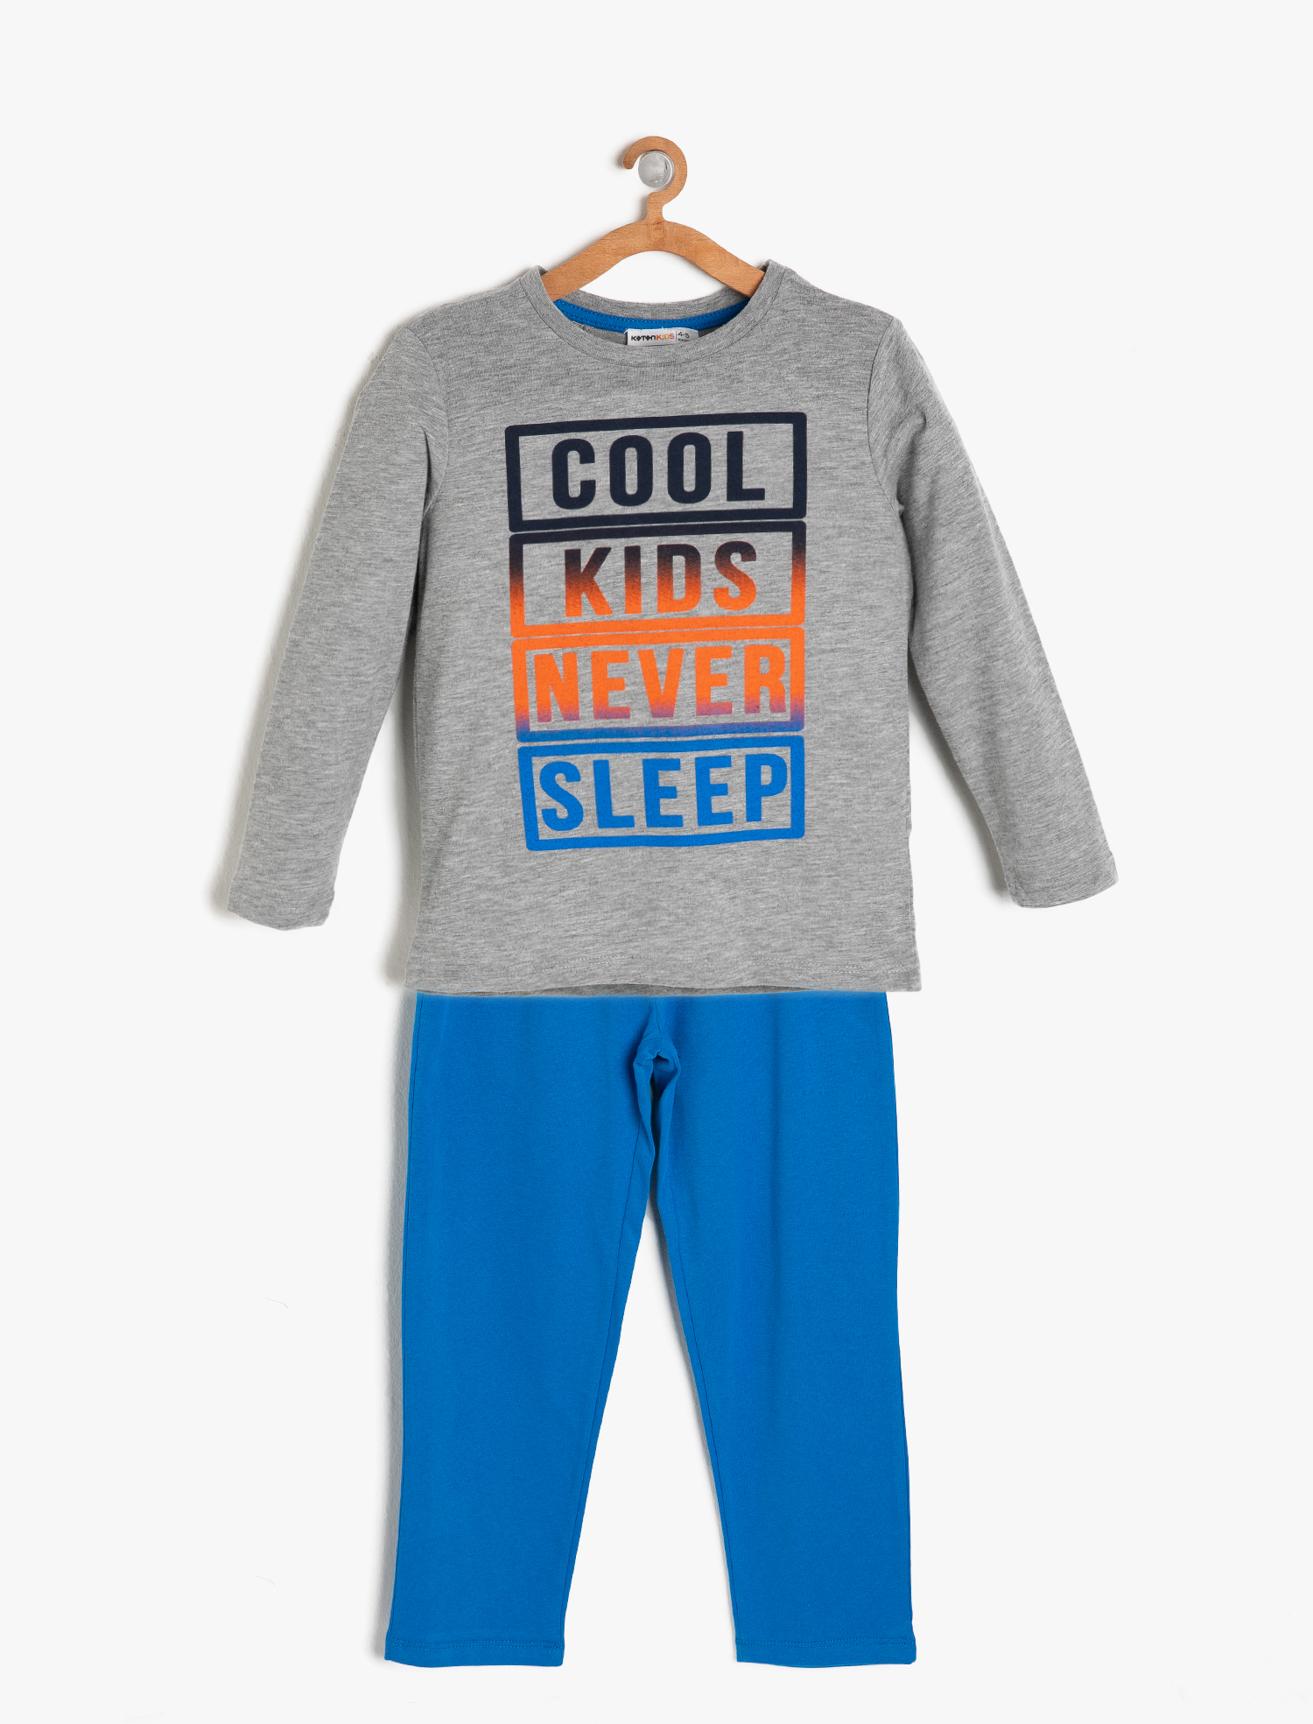 Koton Pijama Takımı 7 Yaş 5001703167006 Ürün Resmi